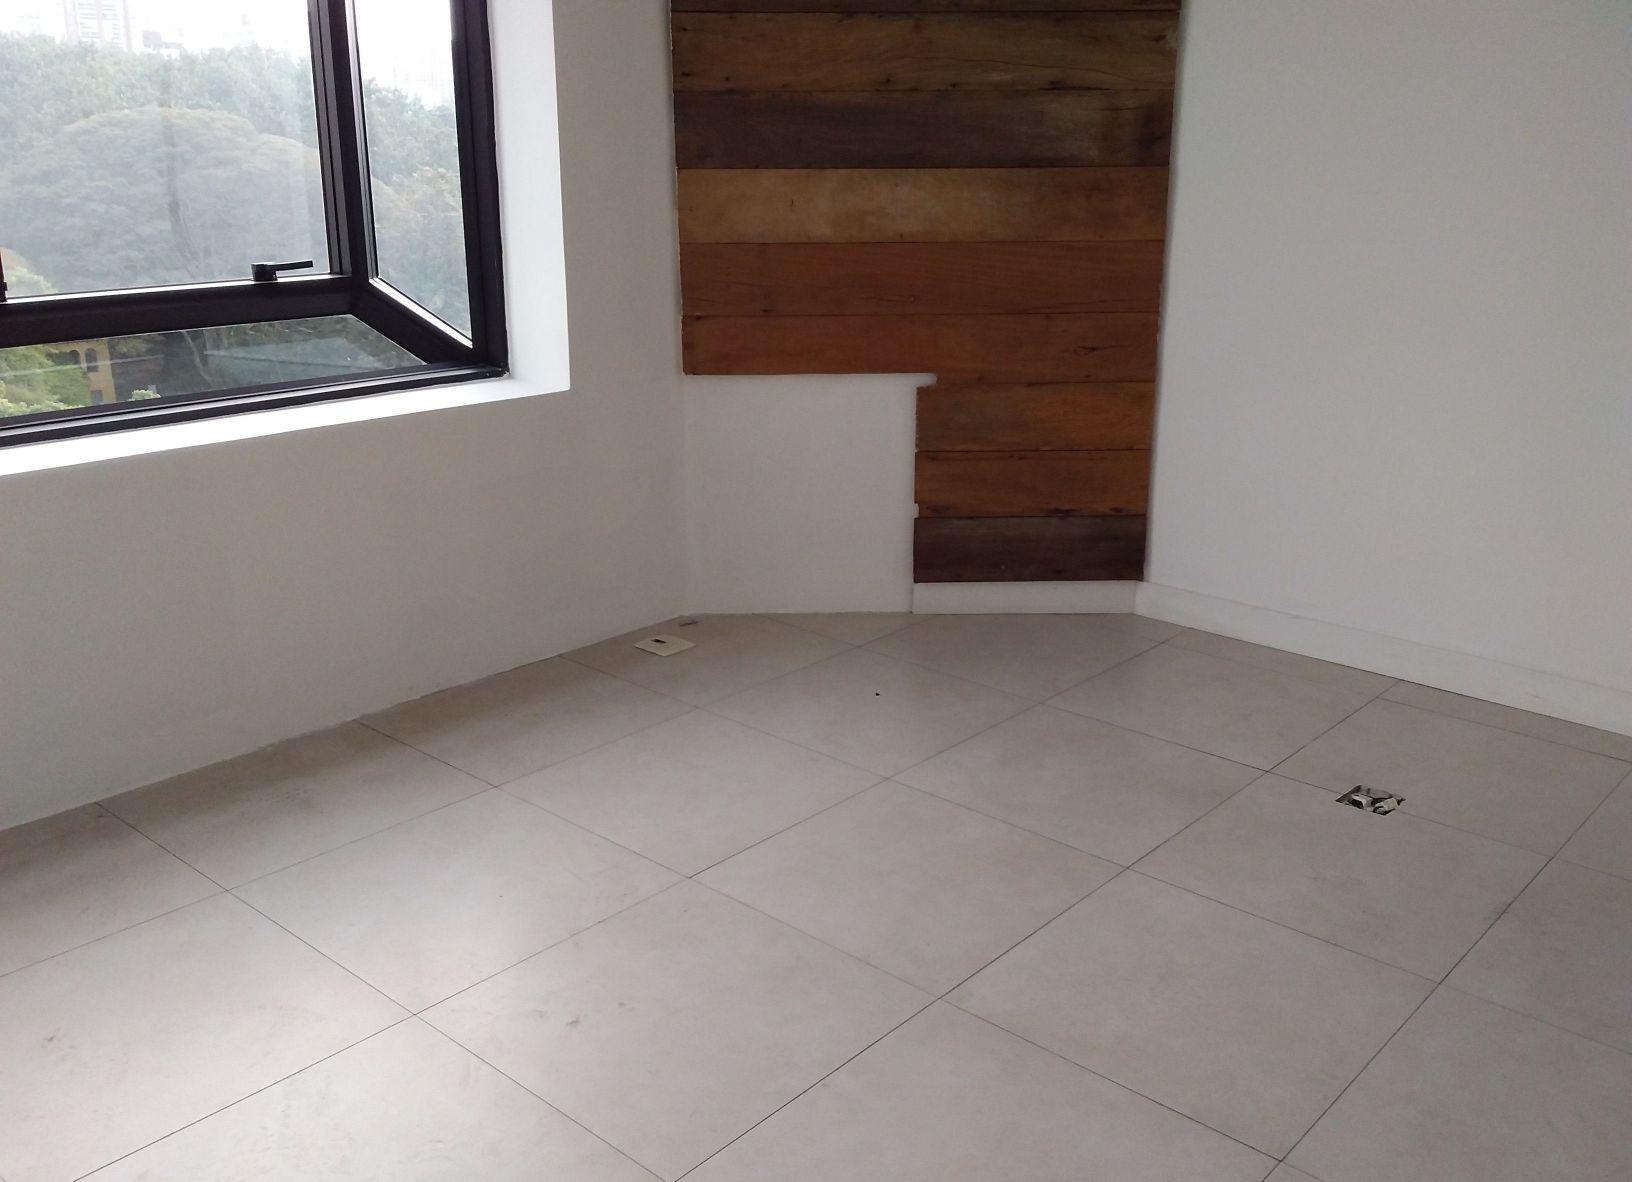 piso, pintura e instalacao de painel